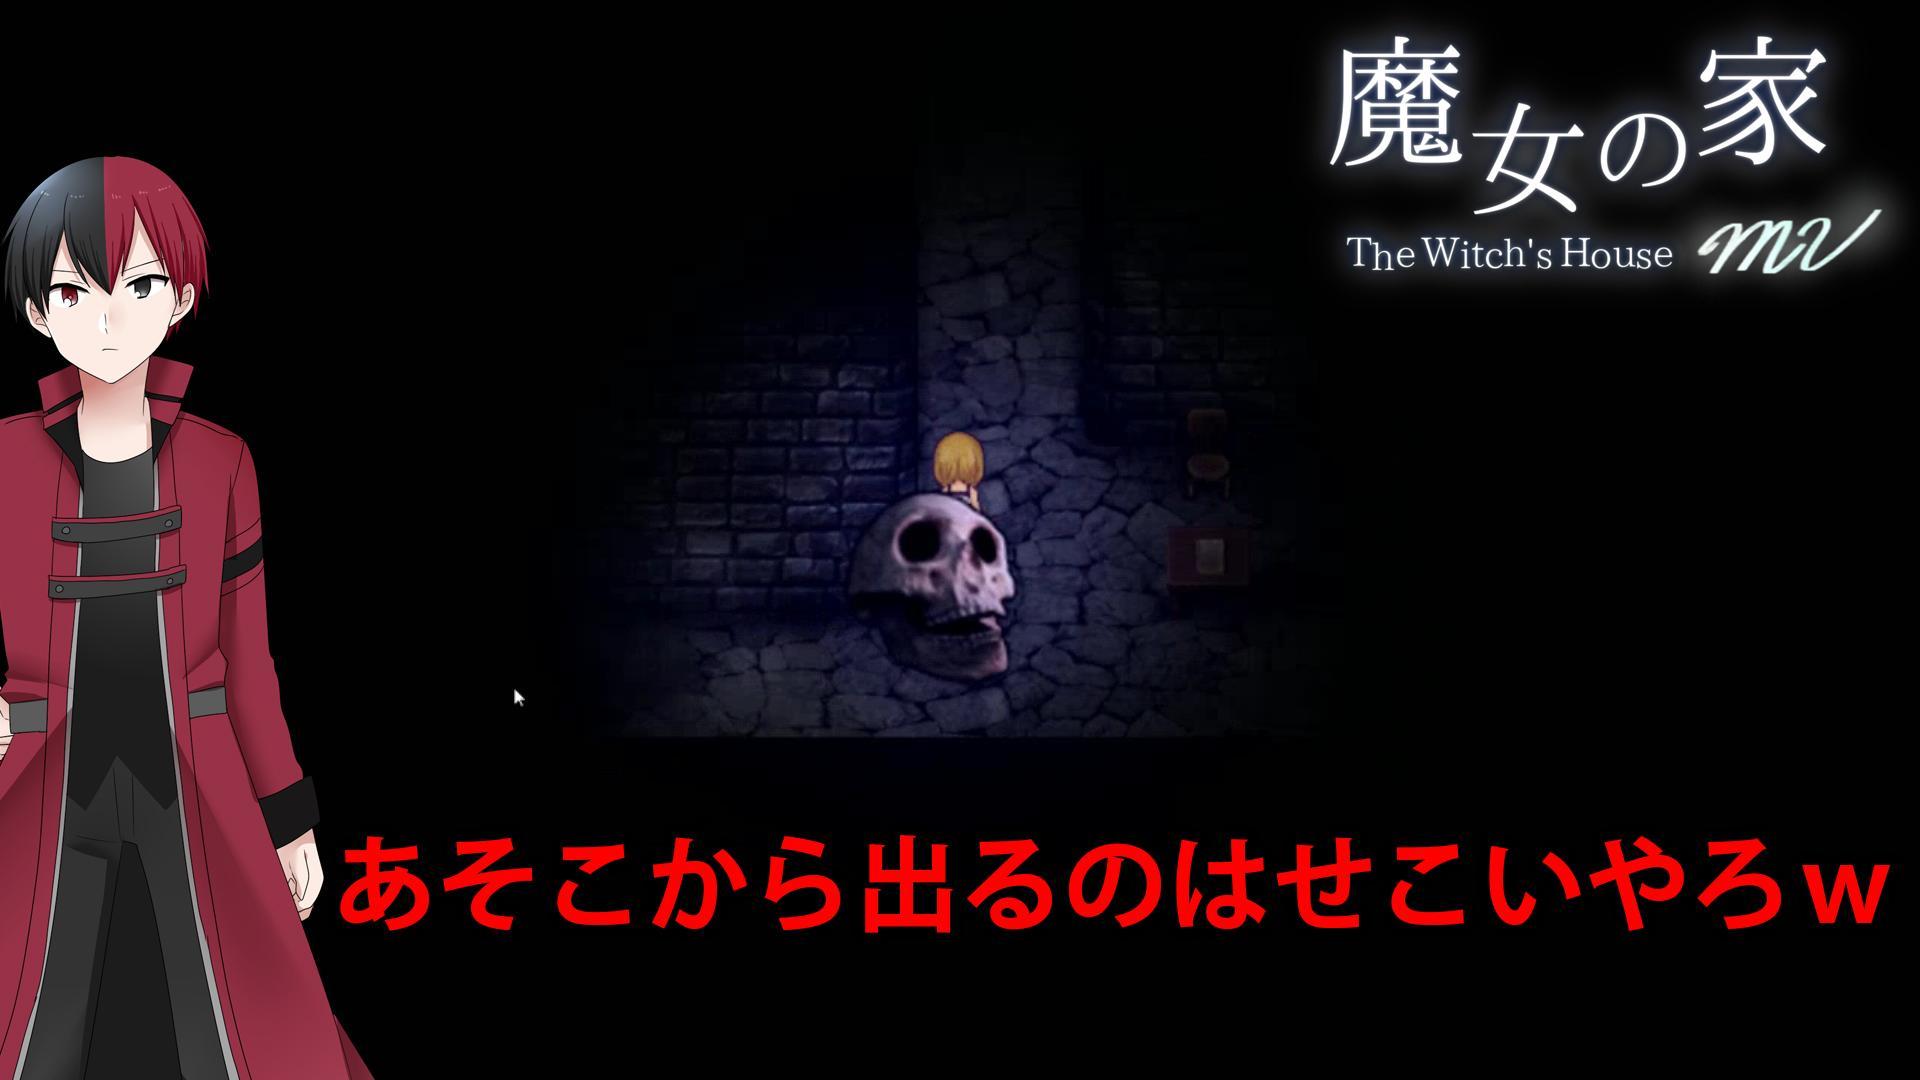 魔女の家mv Extra 骸骨は何で急に出て足が速いのかなホンマに